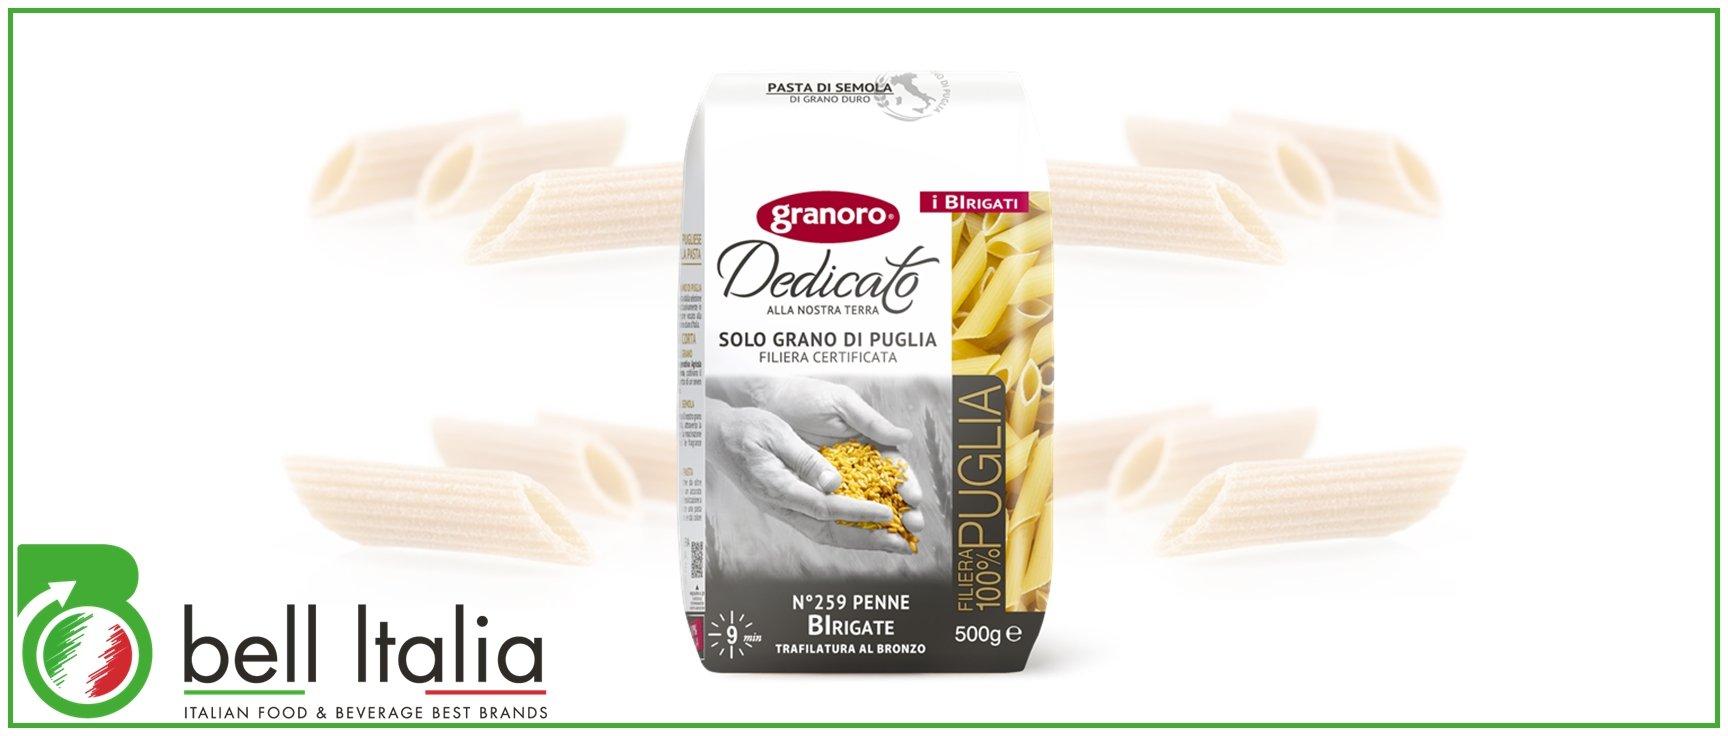 5 trafile di pasta italiana per stupire i tuoi clienti - Granoro Dedicato